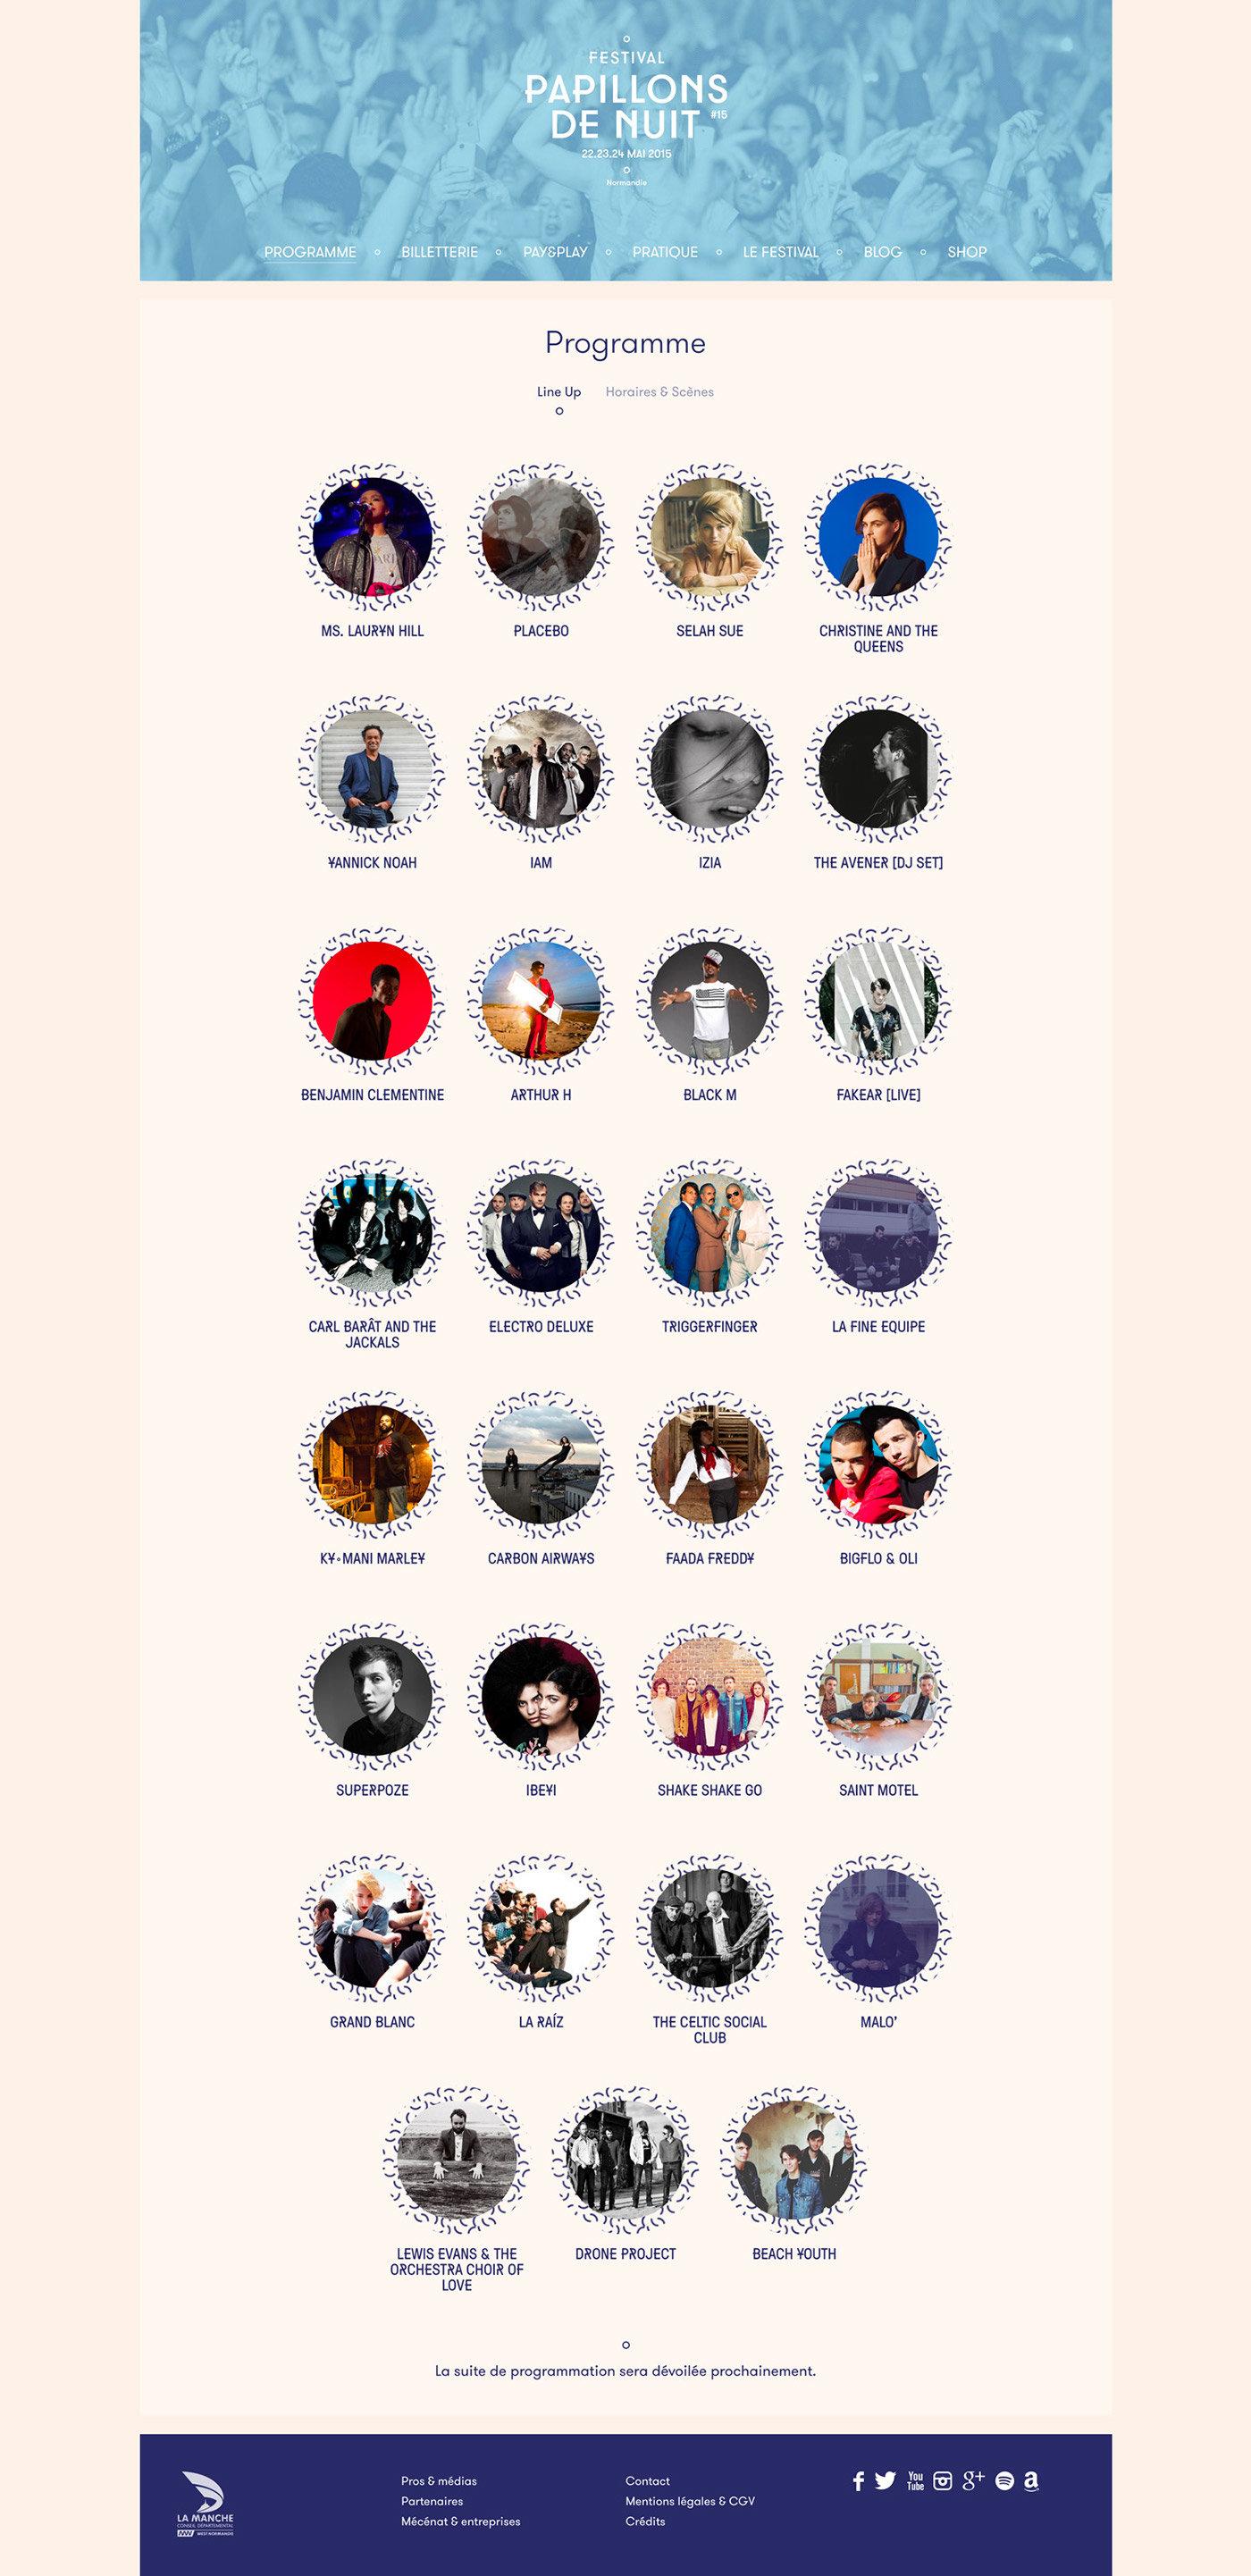 2015年蝴蝶音乐节之夜形象设计 欣赏-第36张